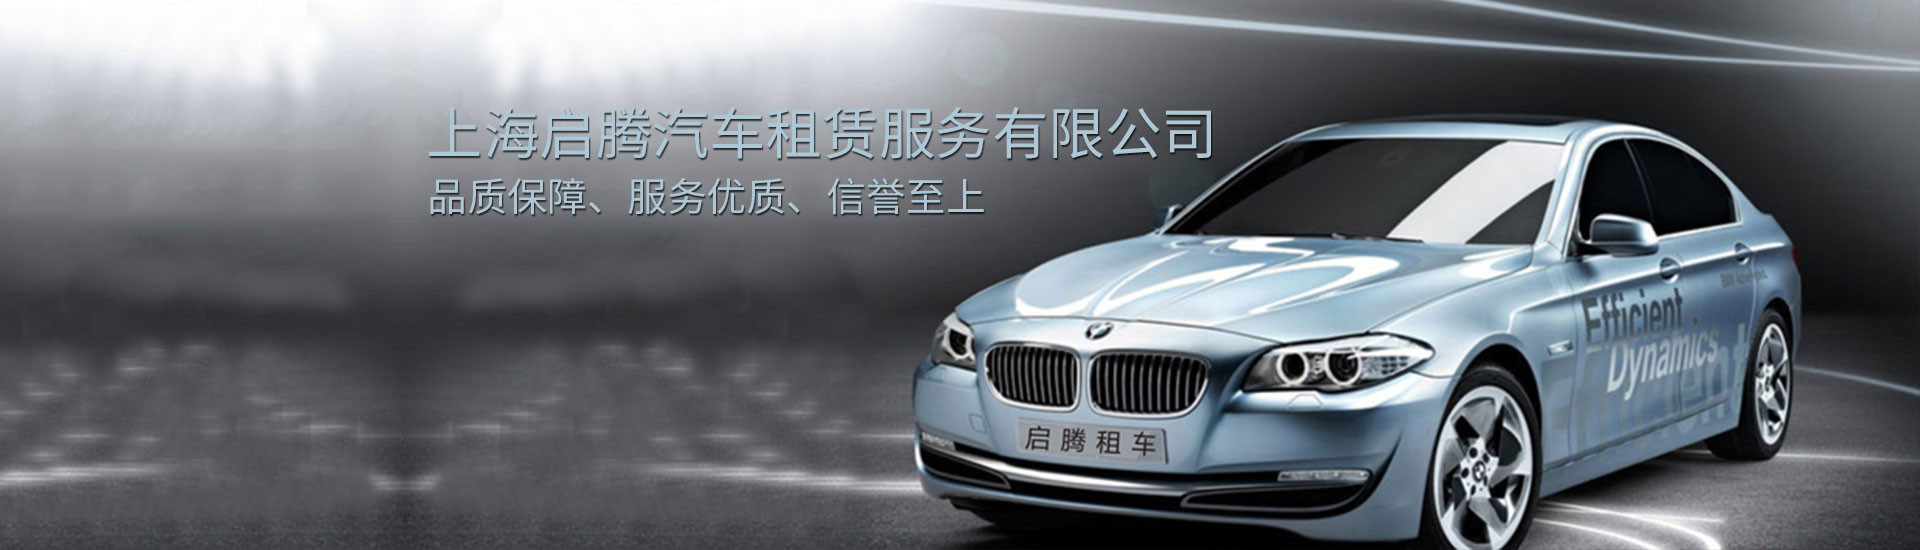 上海汽車租賃公司